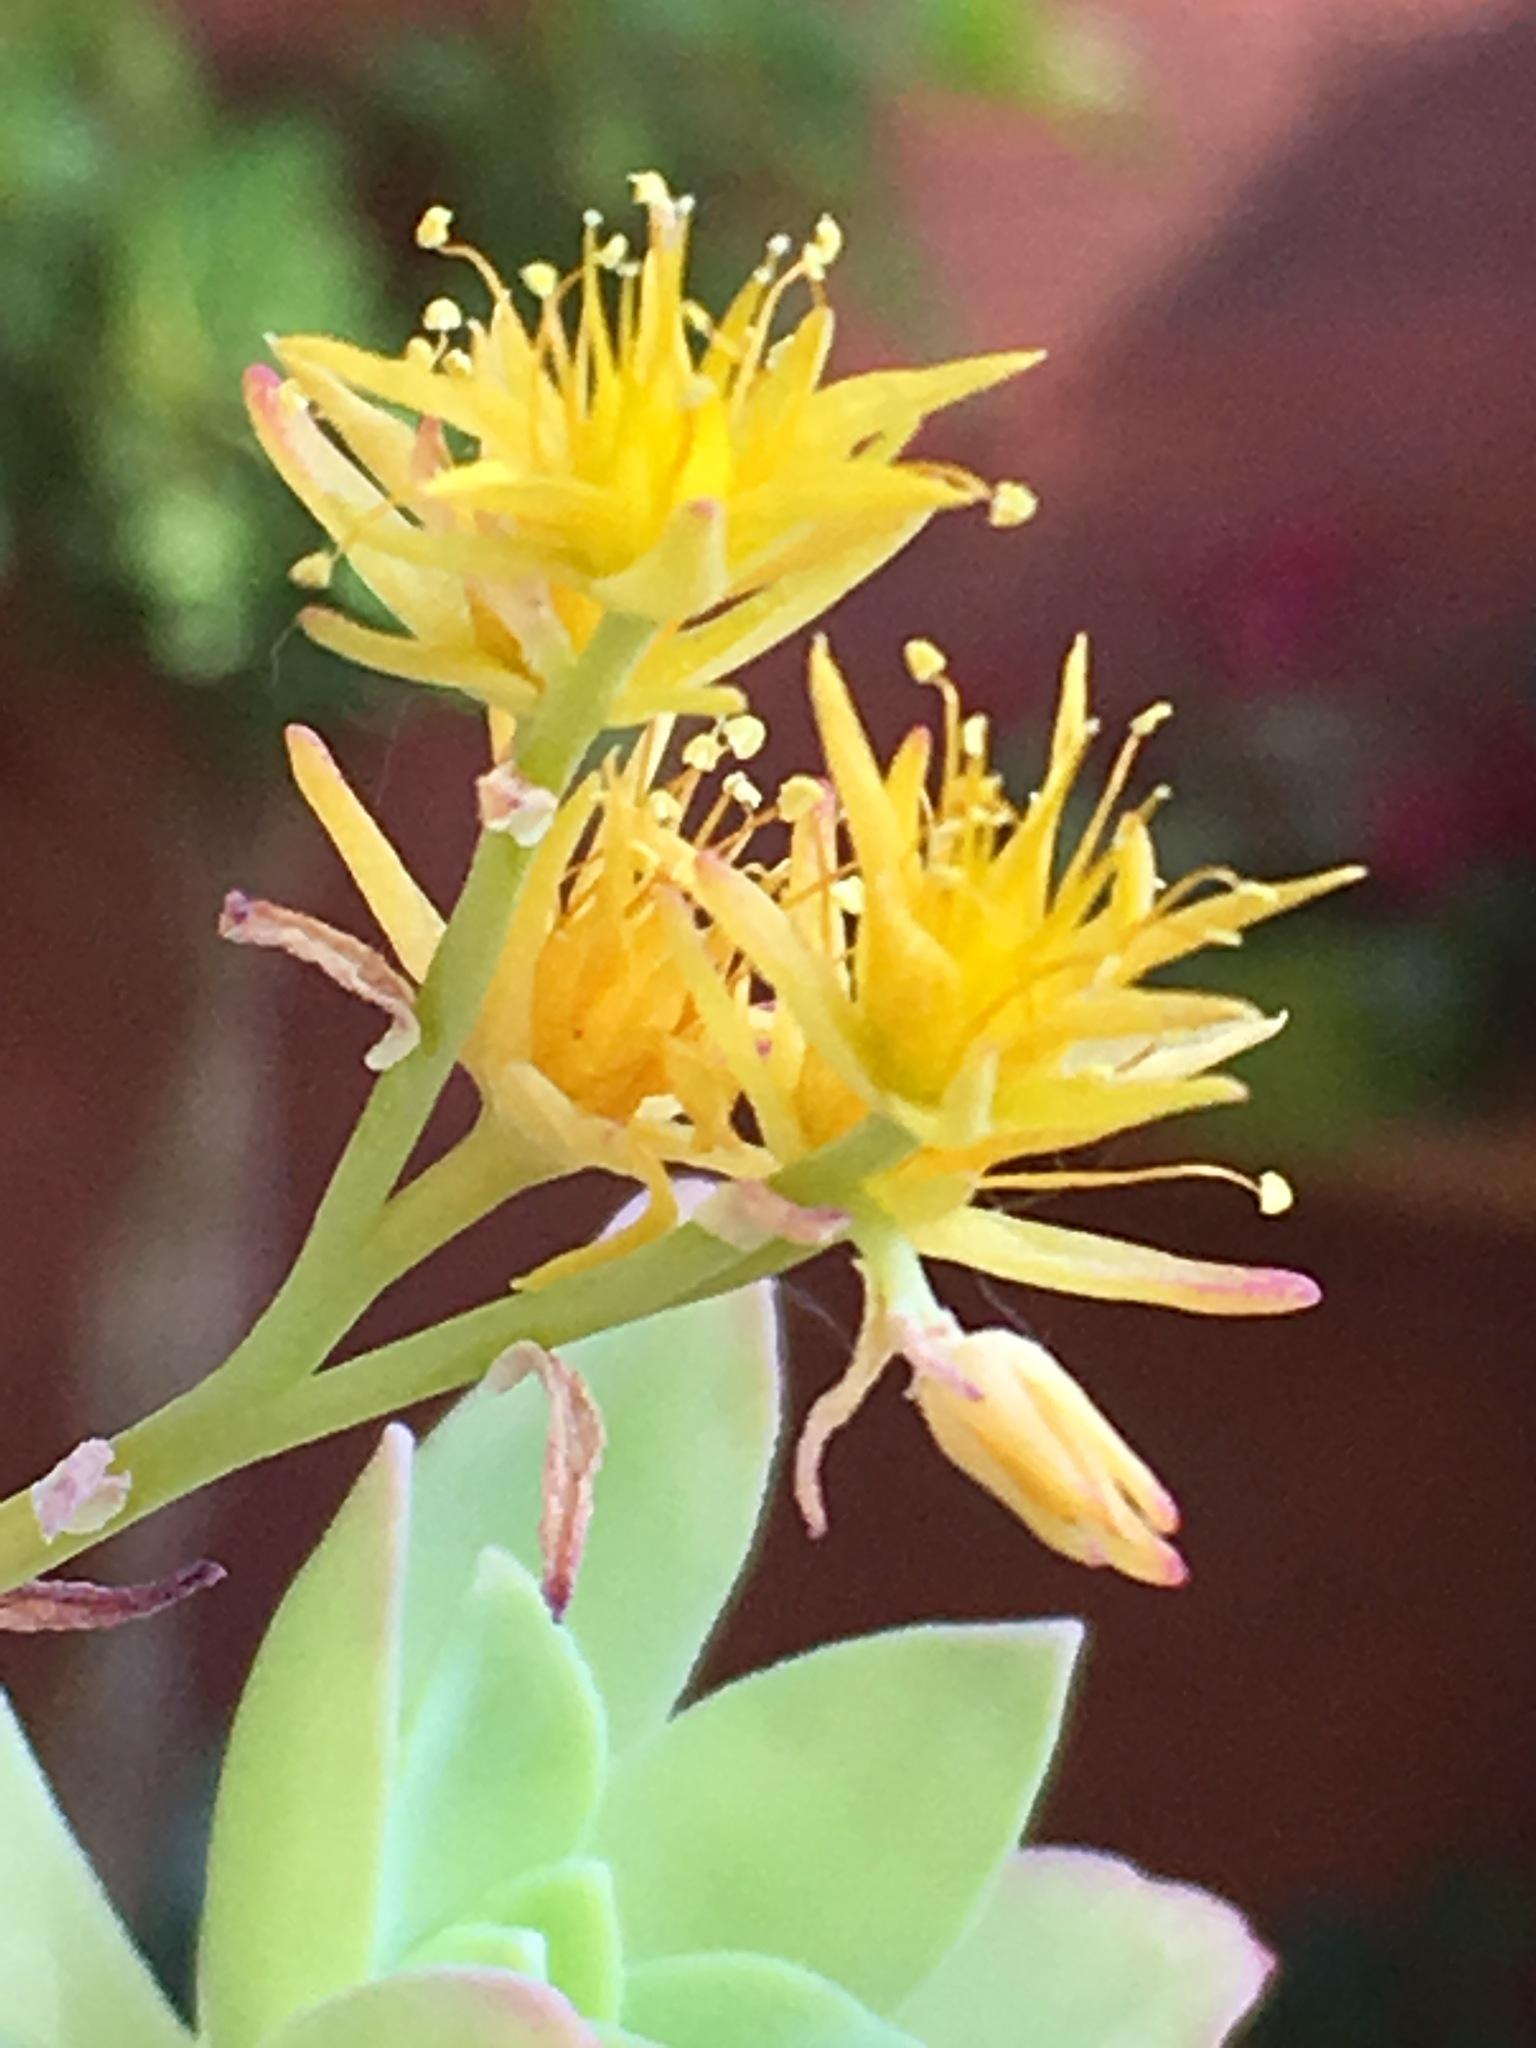 fiori gialli by thelmalory